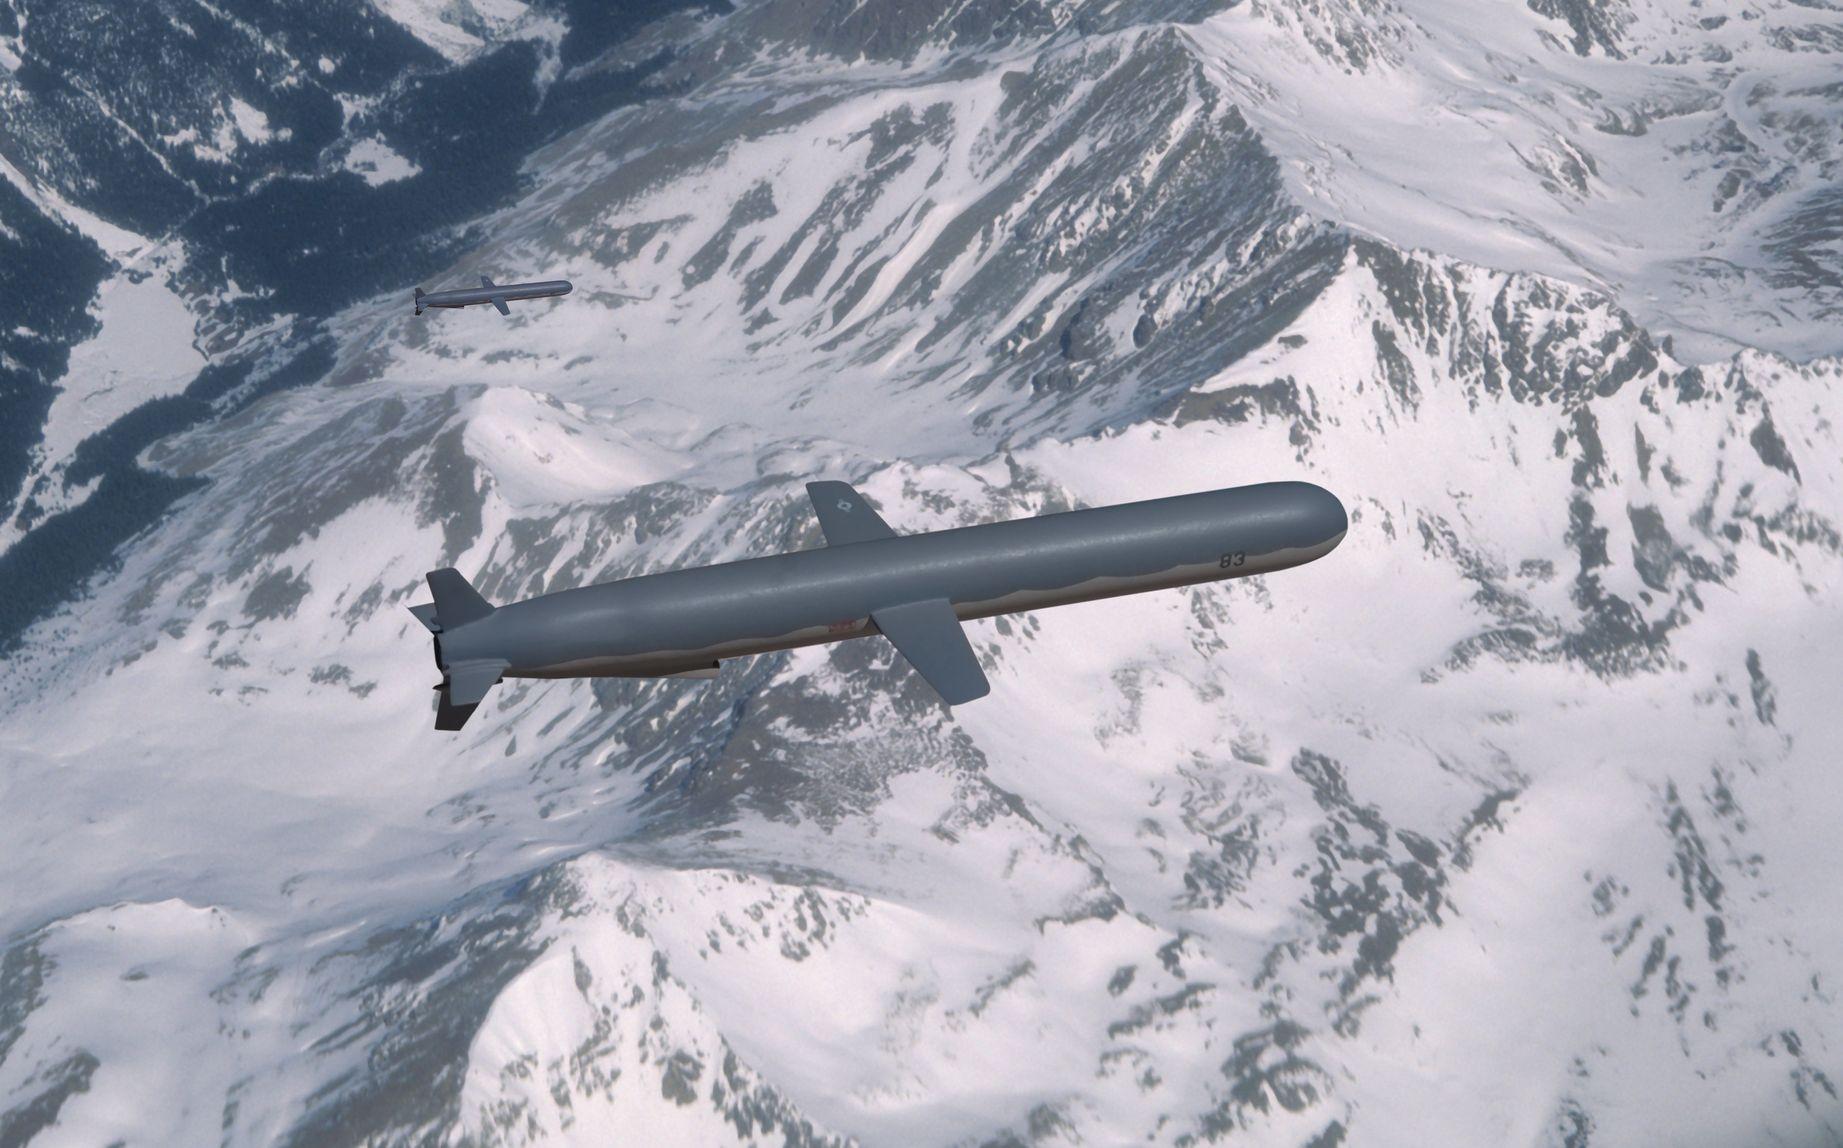 Хуже смерти  или  Что происходит с крылатой ракетой, захваченной русскими